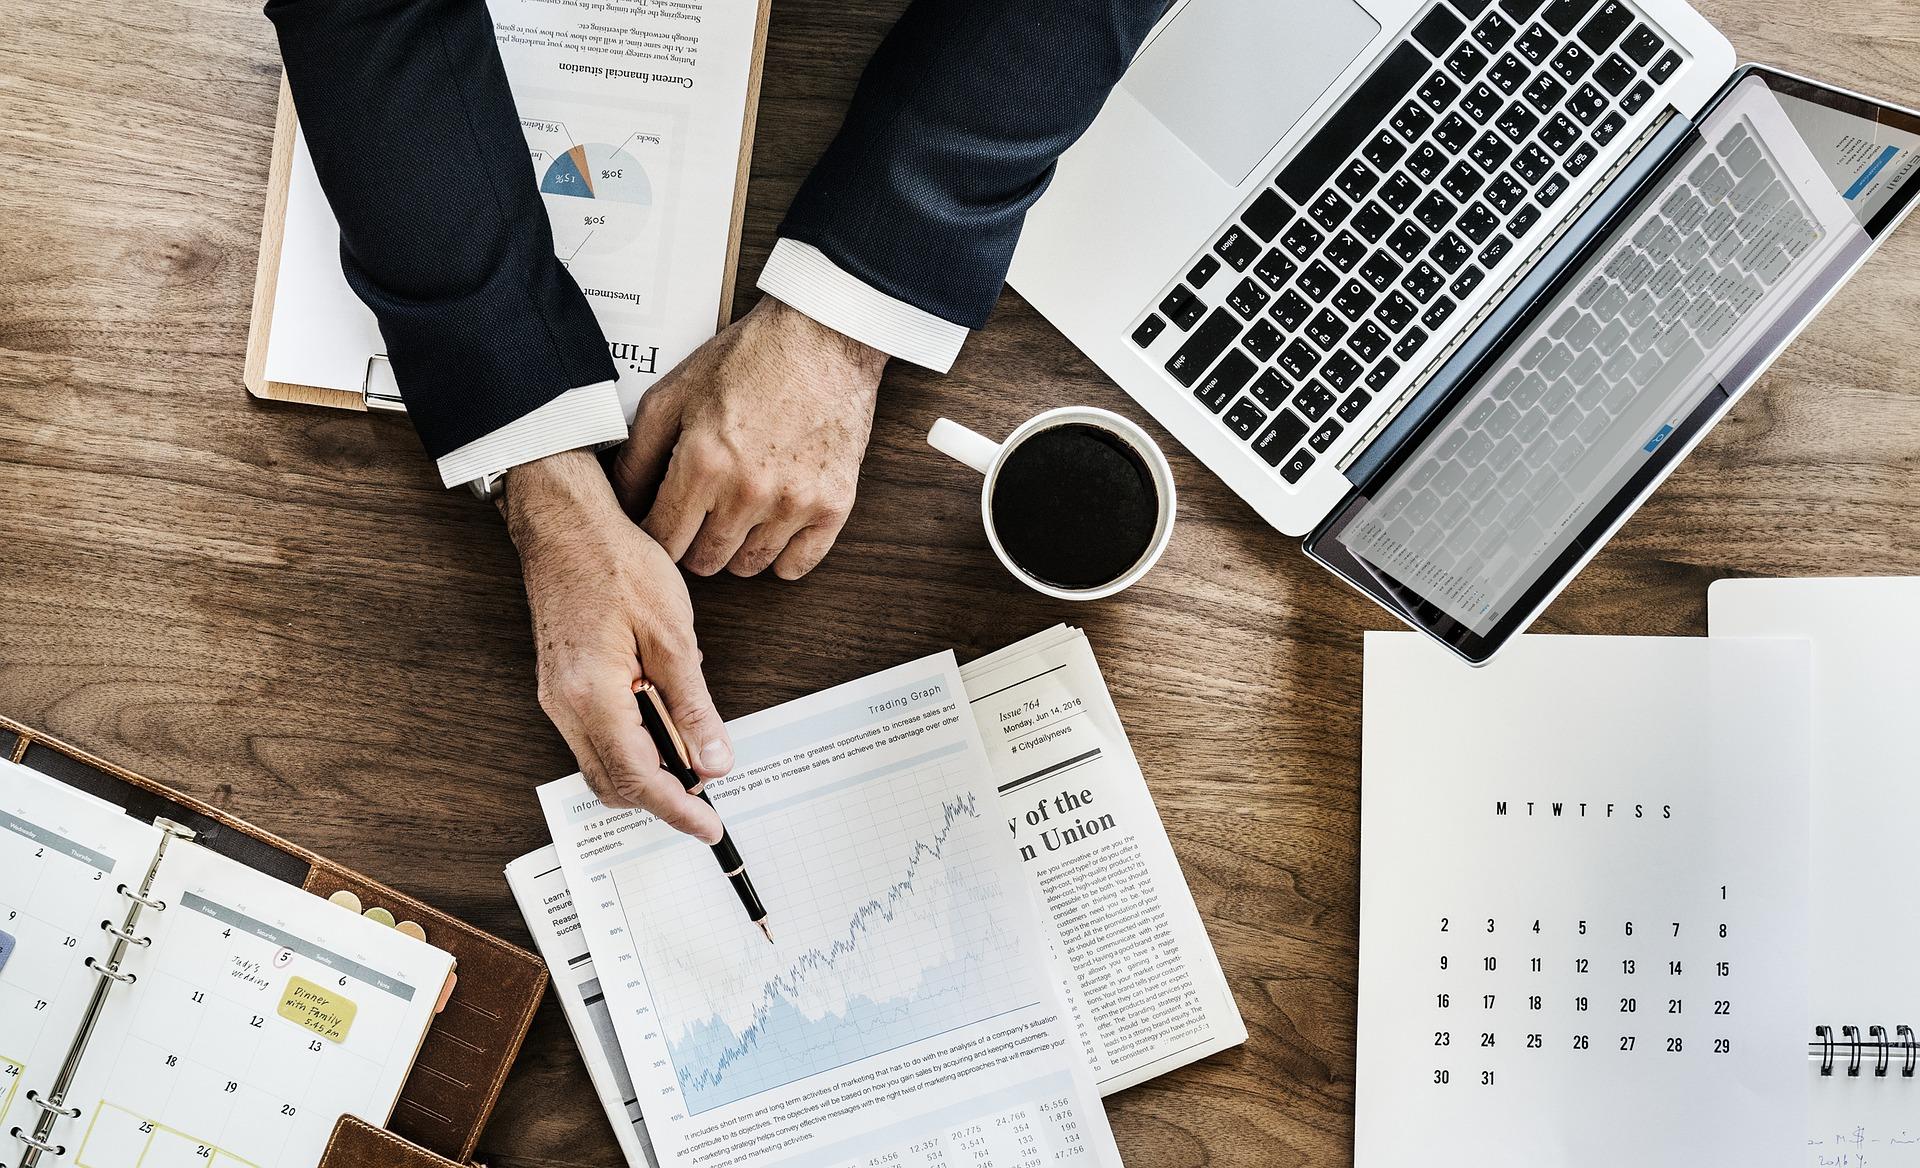 Ferramentas tecnológicas e gestão de benefícios